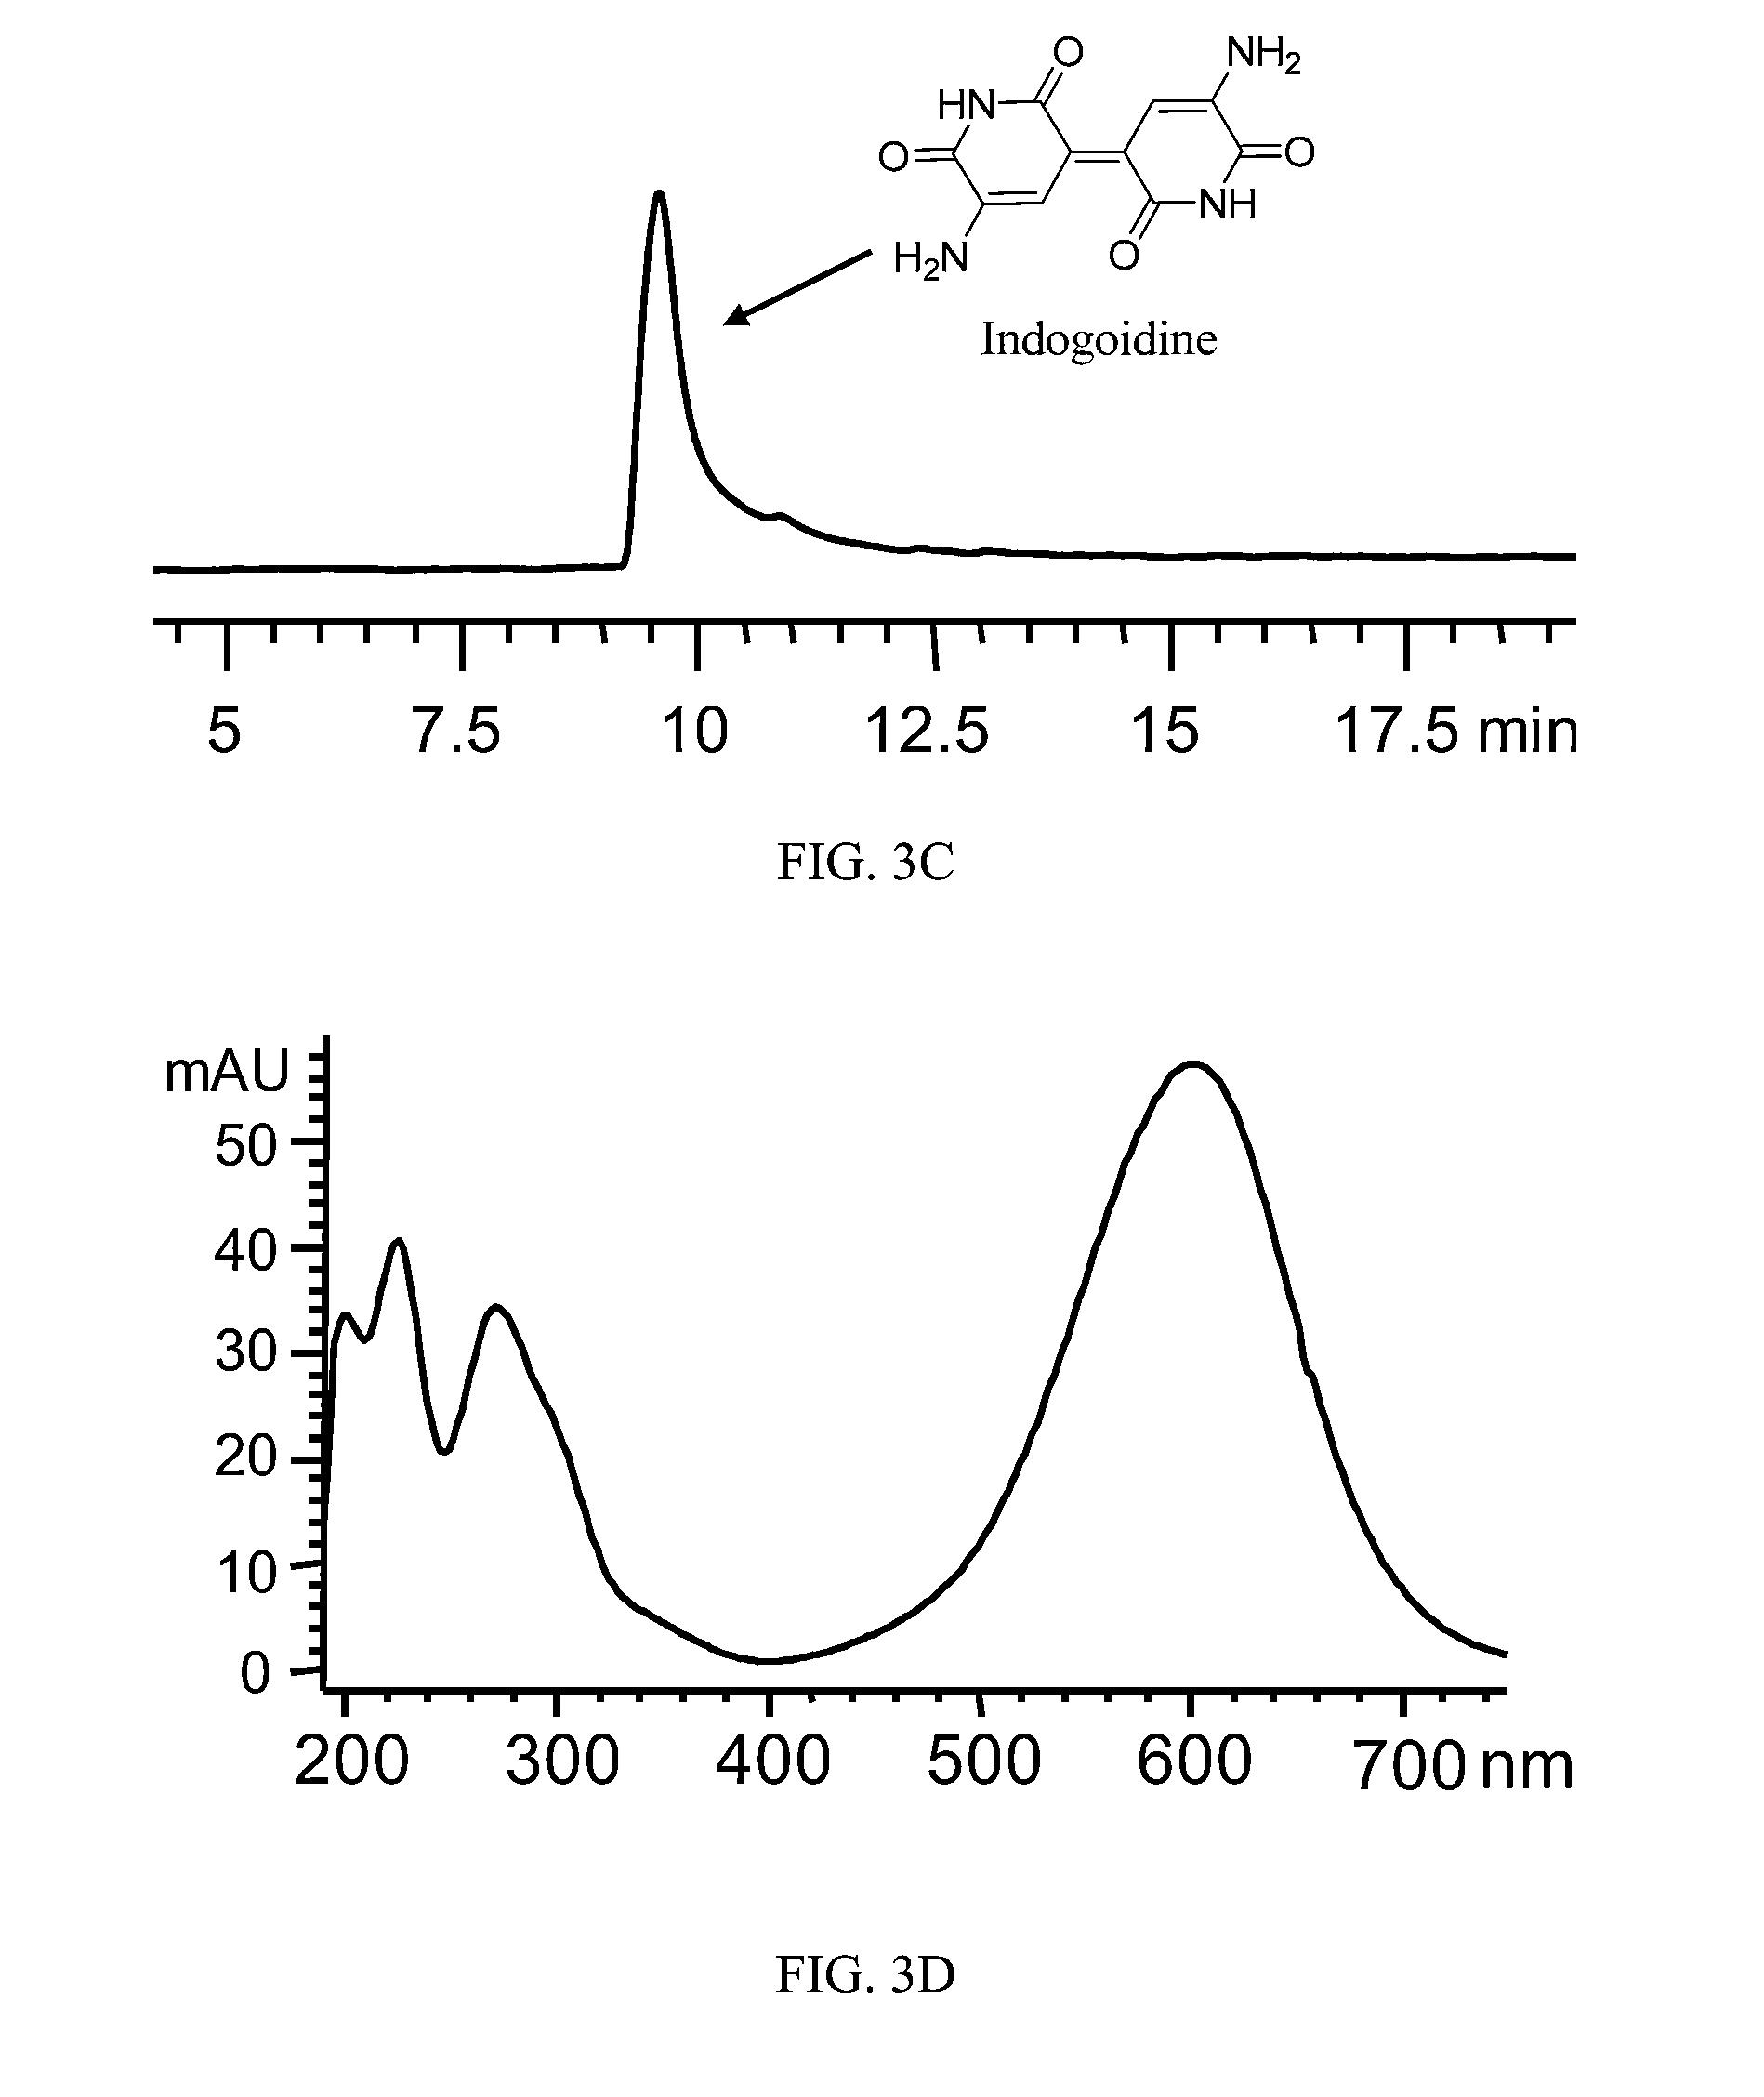 clavamox 625 no perscription